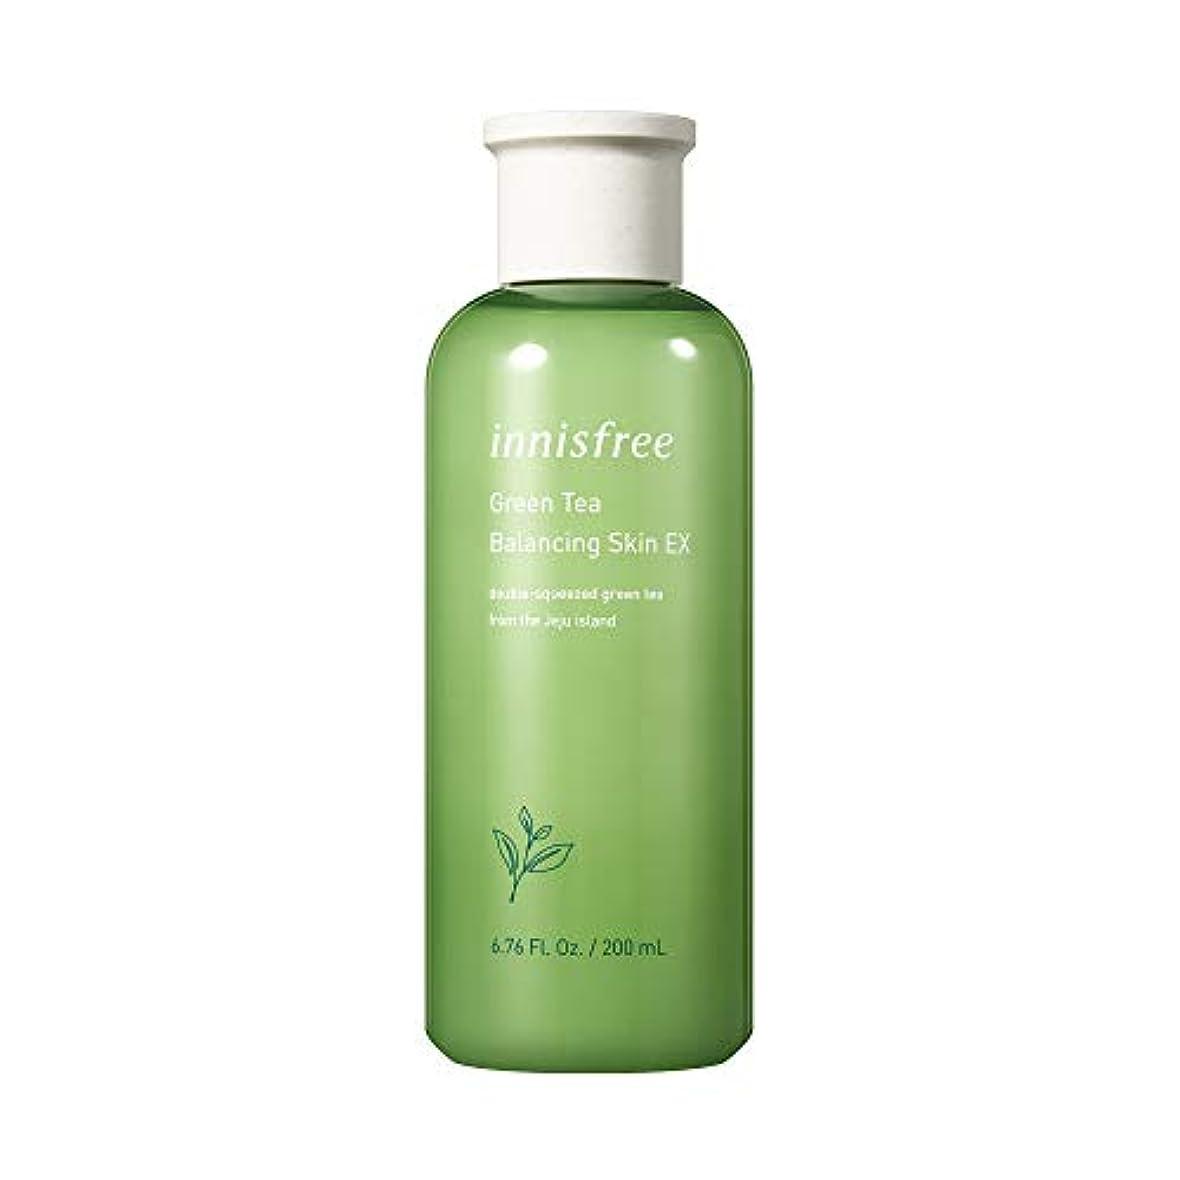 強調平和的にやにやイニスフリー日本公式(innisfree)グリーンティー バランシングスキン[化粧水]200mL